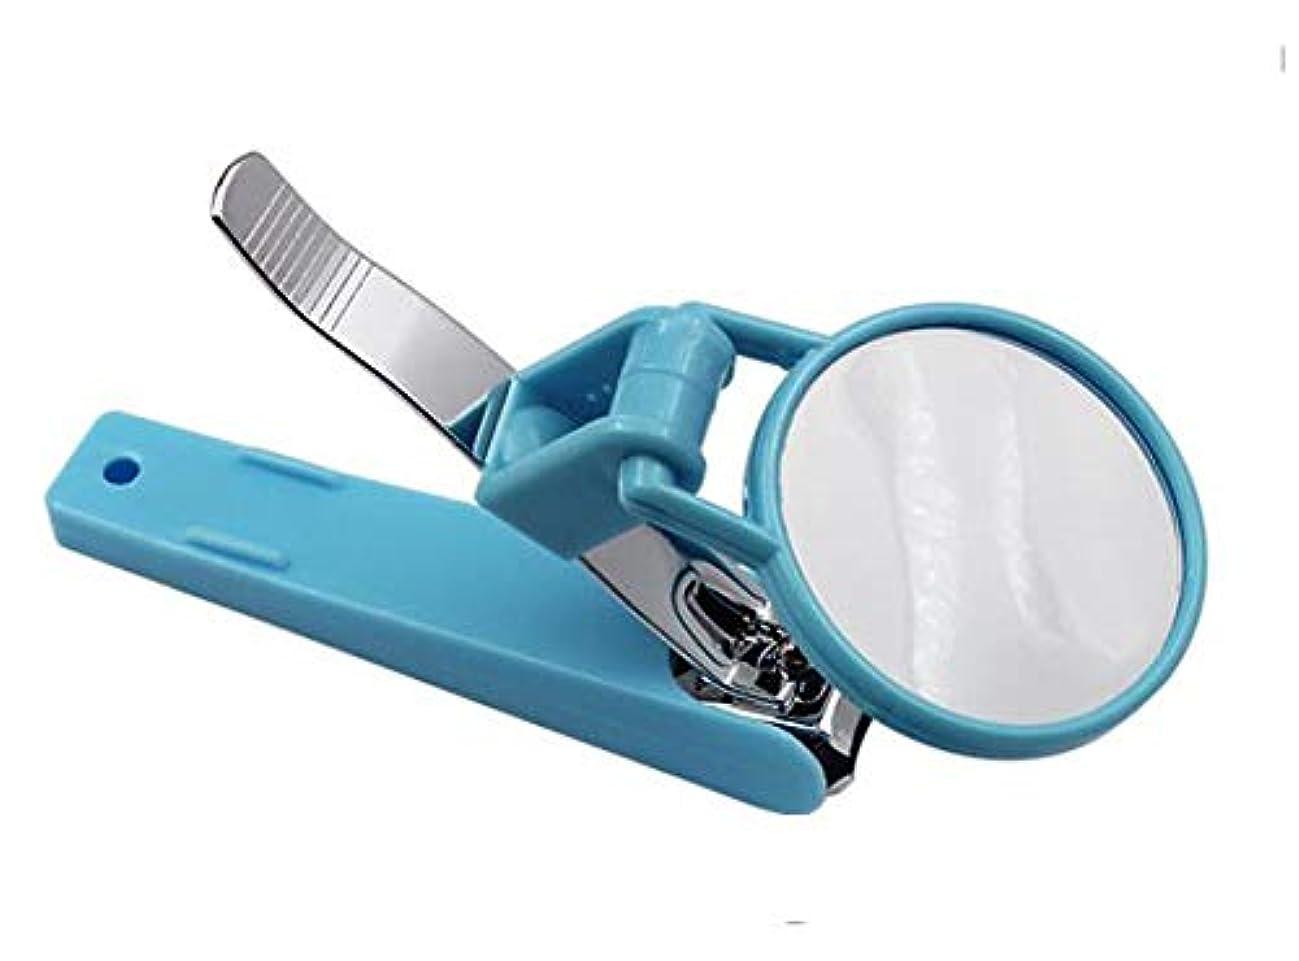 多用途ワーカー飢HJ 爪切り ルーペ付き爪切り ネイルケア 拡大鏡付き つめきり ルーペ付きツメキリ ルーペ付きネイルケア 高齢者向け 虫眼鏡 ステンレス鋼 コンパクト 携帯便利 360度回転する